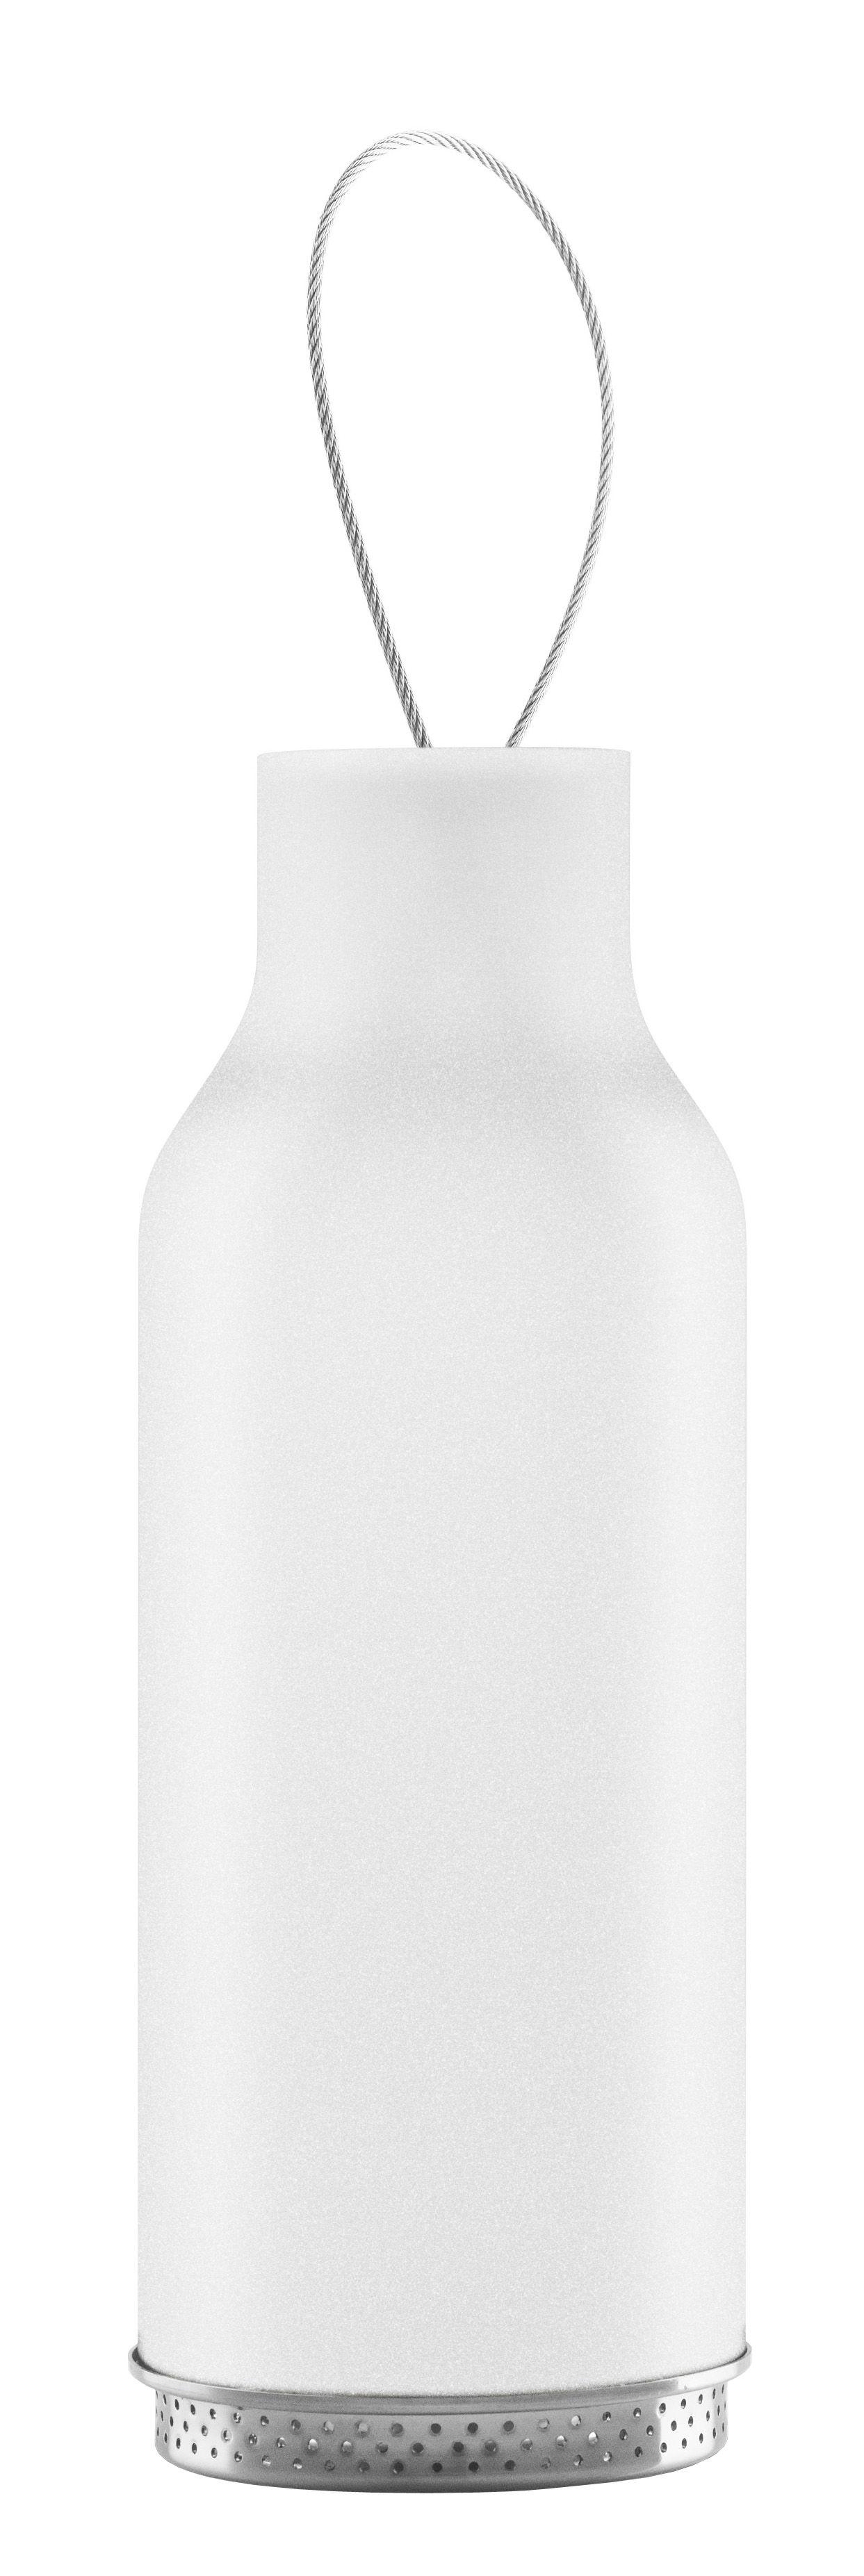 Outdoor - Decorazioni e accessori - Lanterna - H 25 cm / Portacandela di Eva Solo - Brina - Acciaio inossidabile, Vetro soffiato a bocca